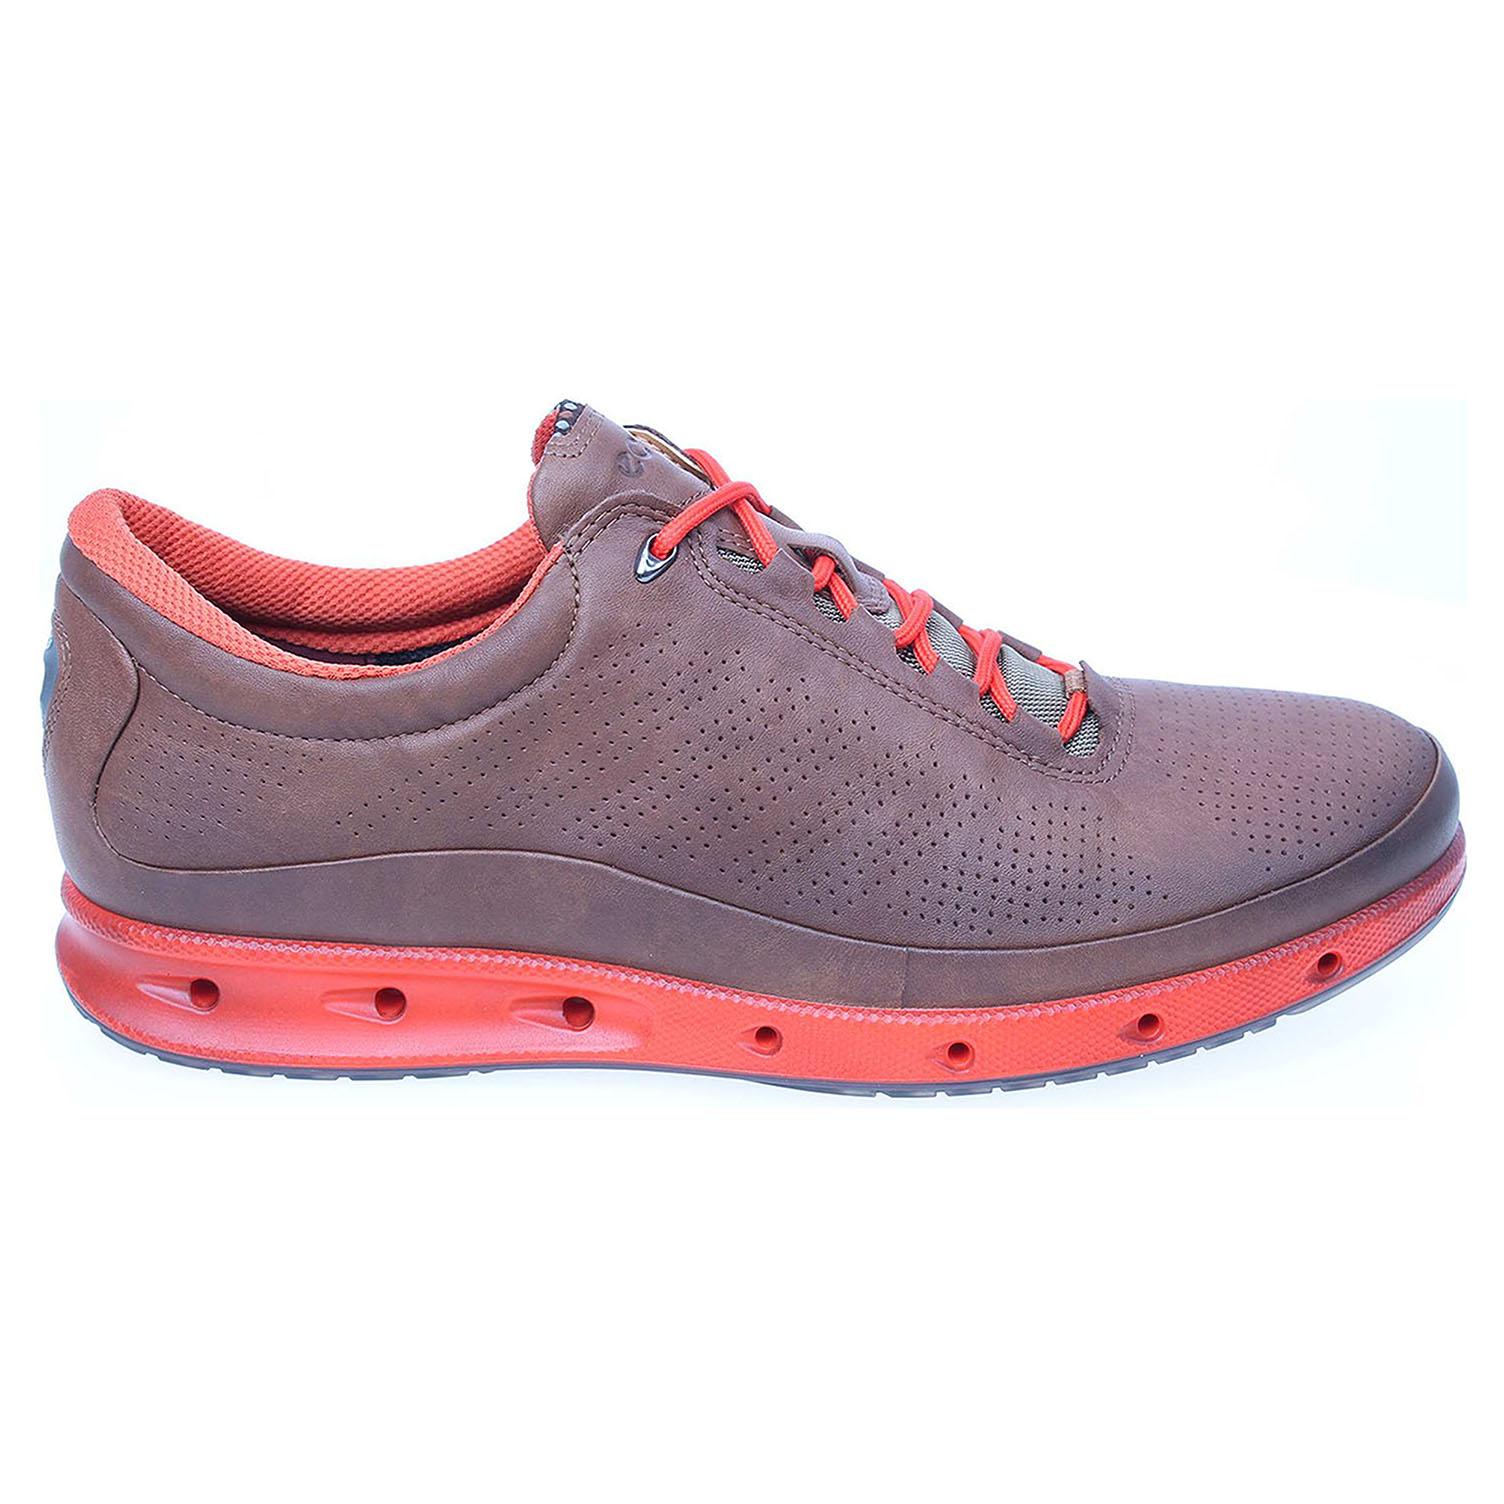 Ecco Ecco pánská obuv 83130401034 hnědé 24000346